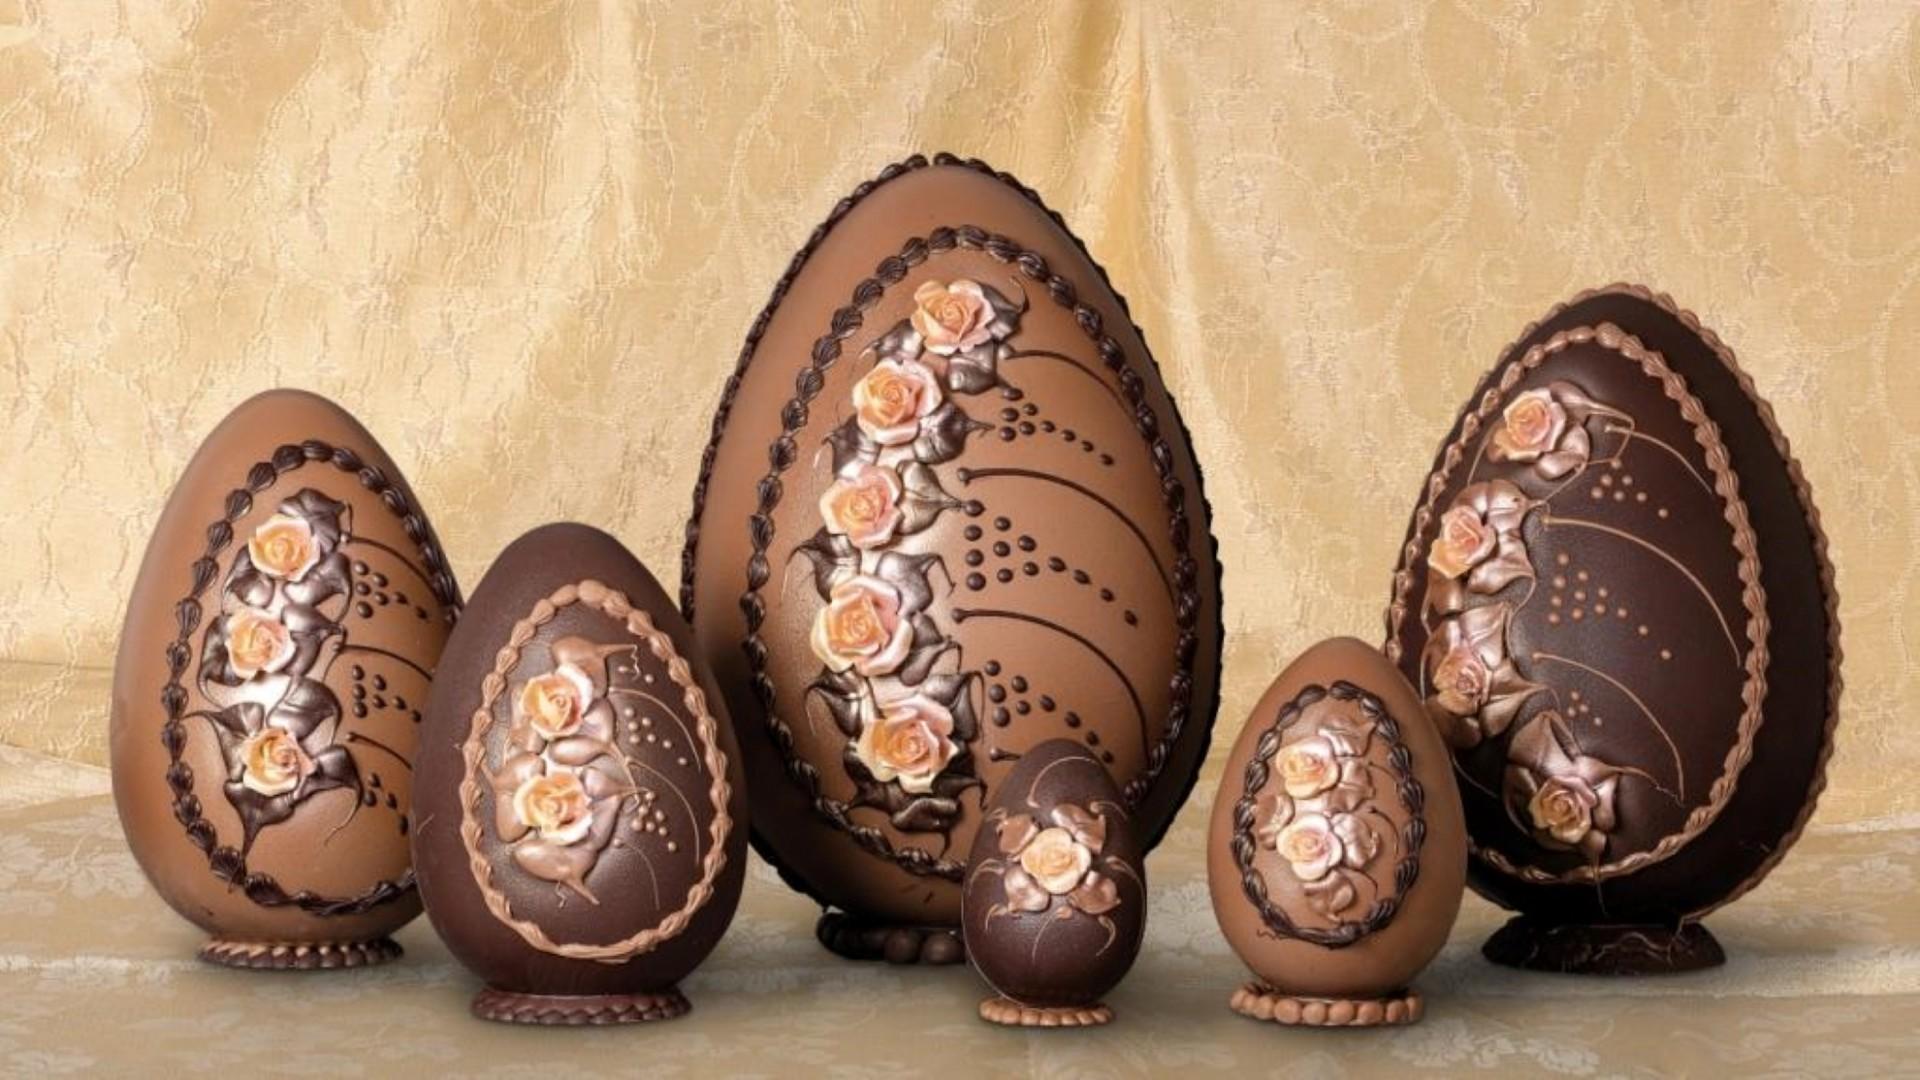 gli-speziali-di-cologna-veneta-uovo-di-cioccolato-pasquale-con-sorpresa-rose.jpg